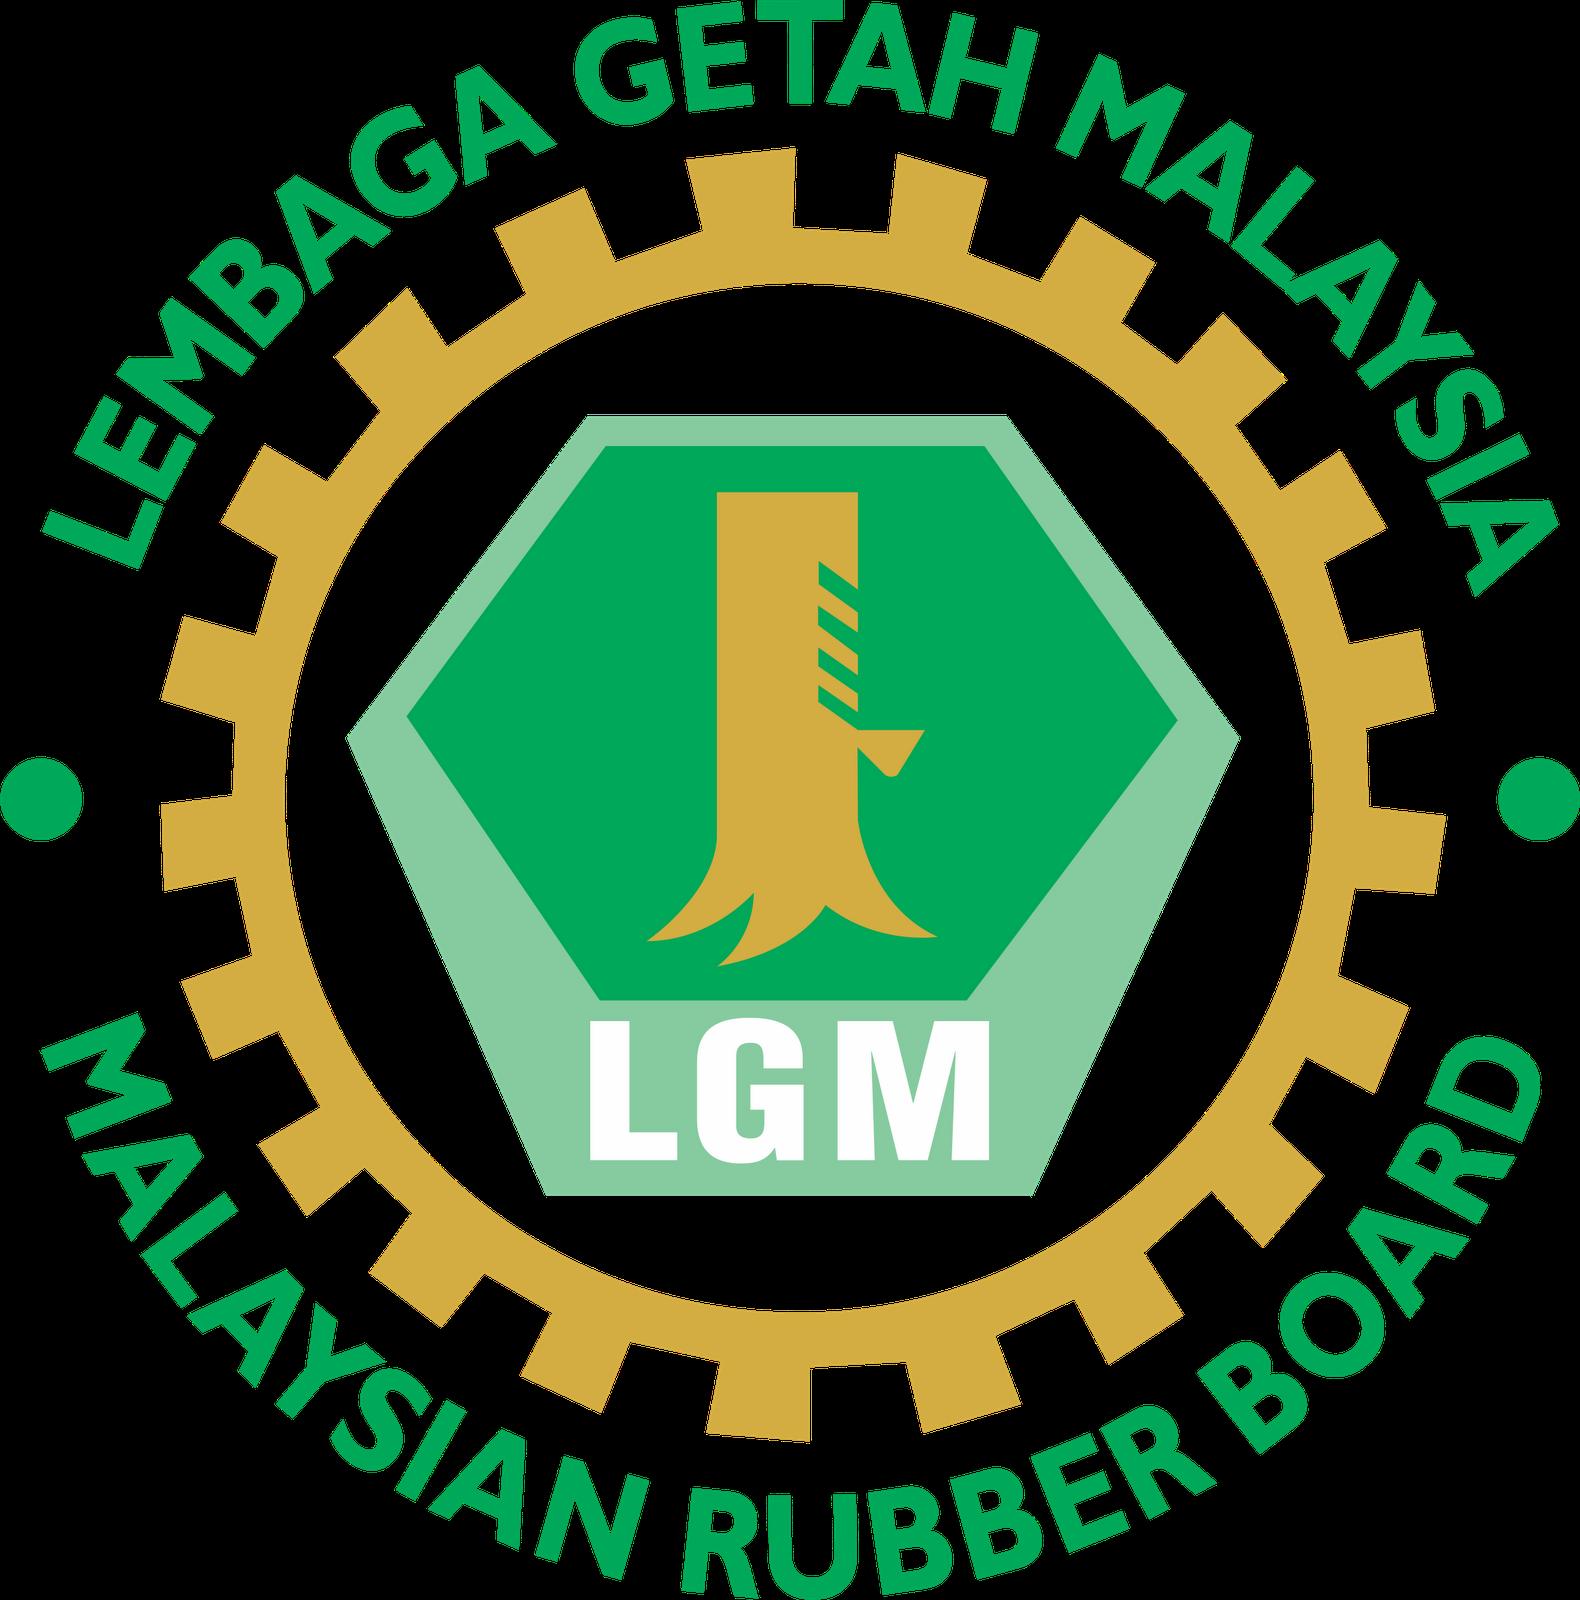 lembaga getah malaysia lgm